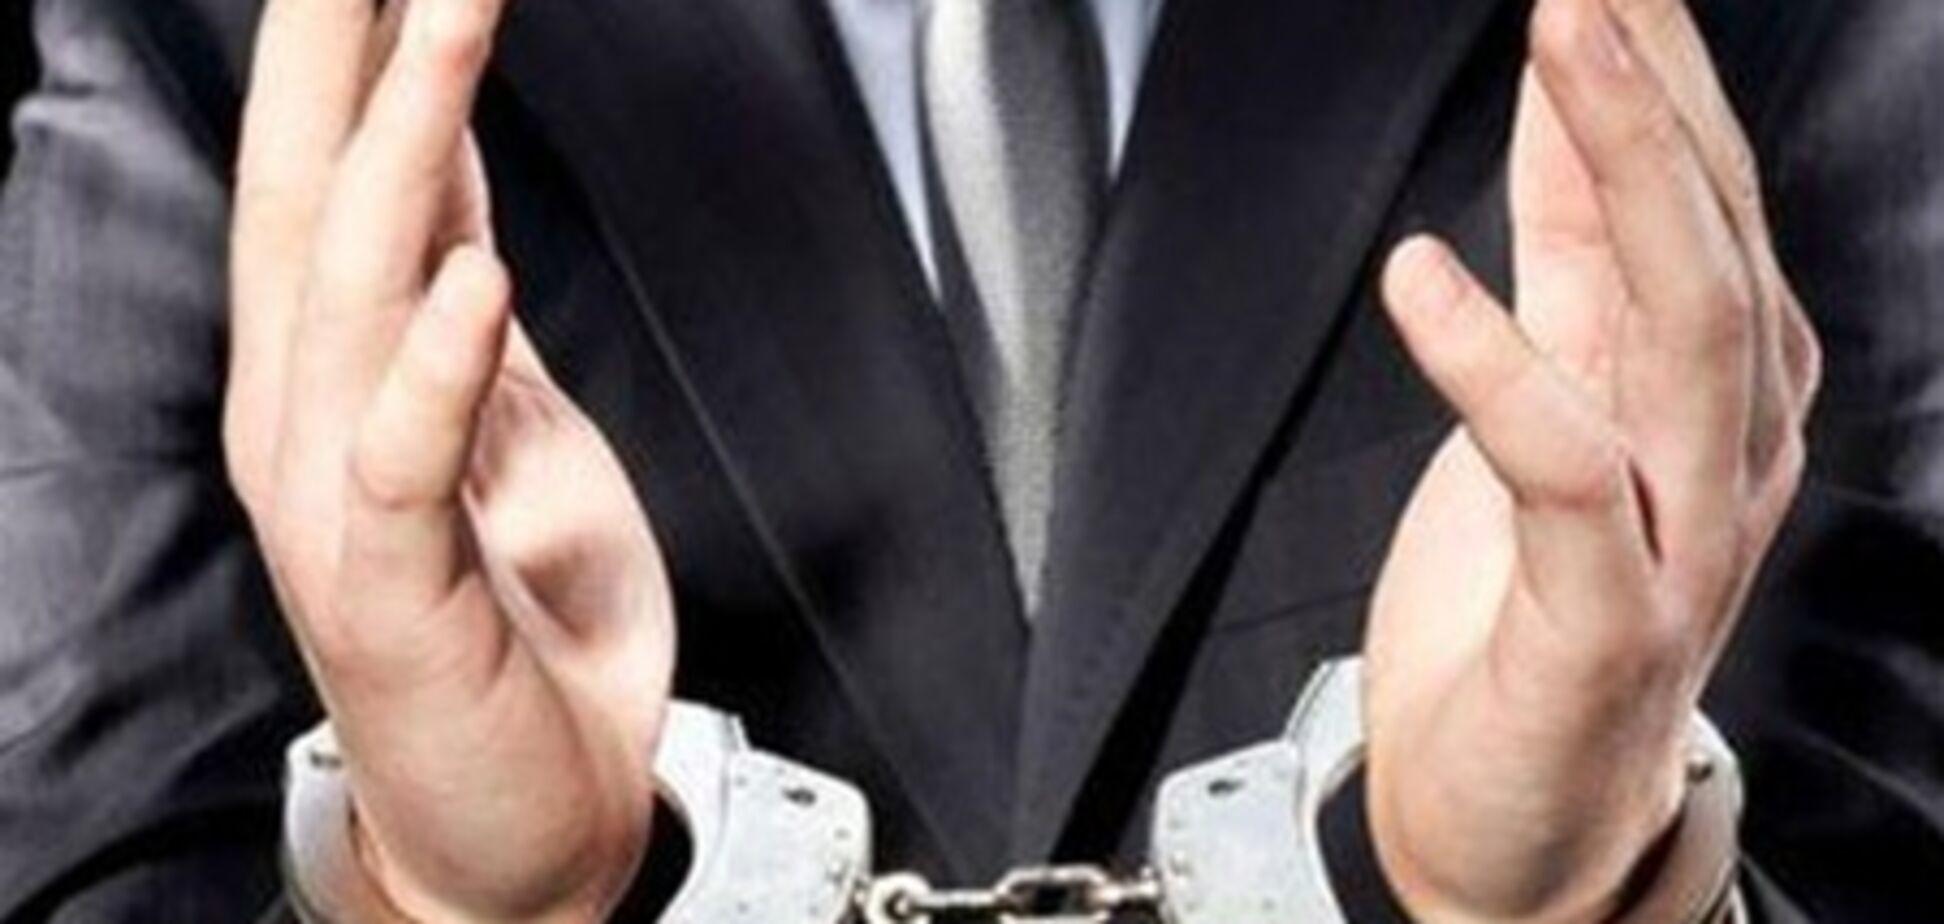 Задержание киевских милиционеров: в деле появились новые подробности